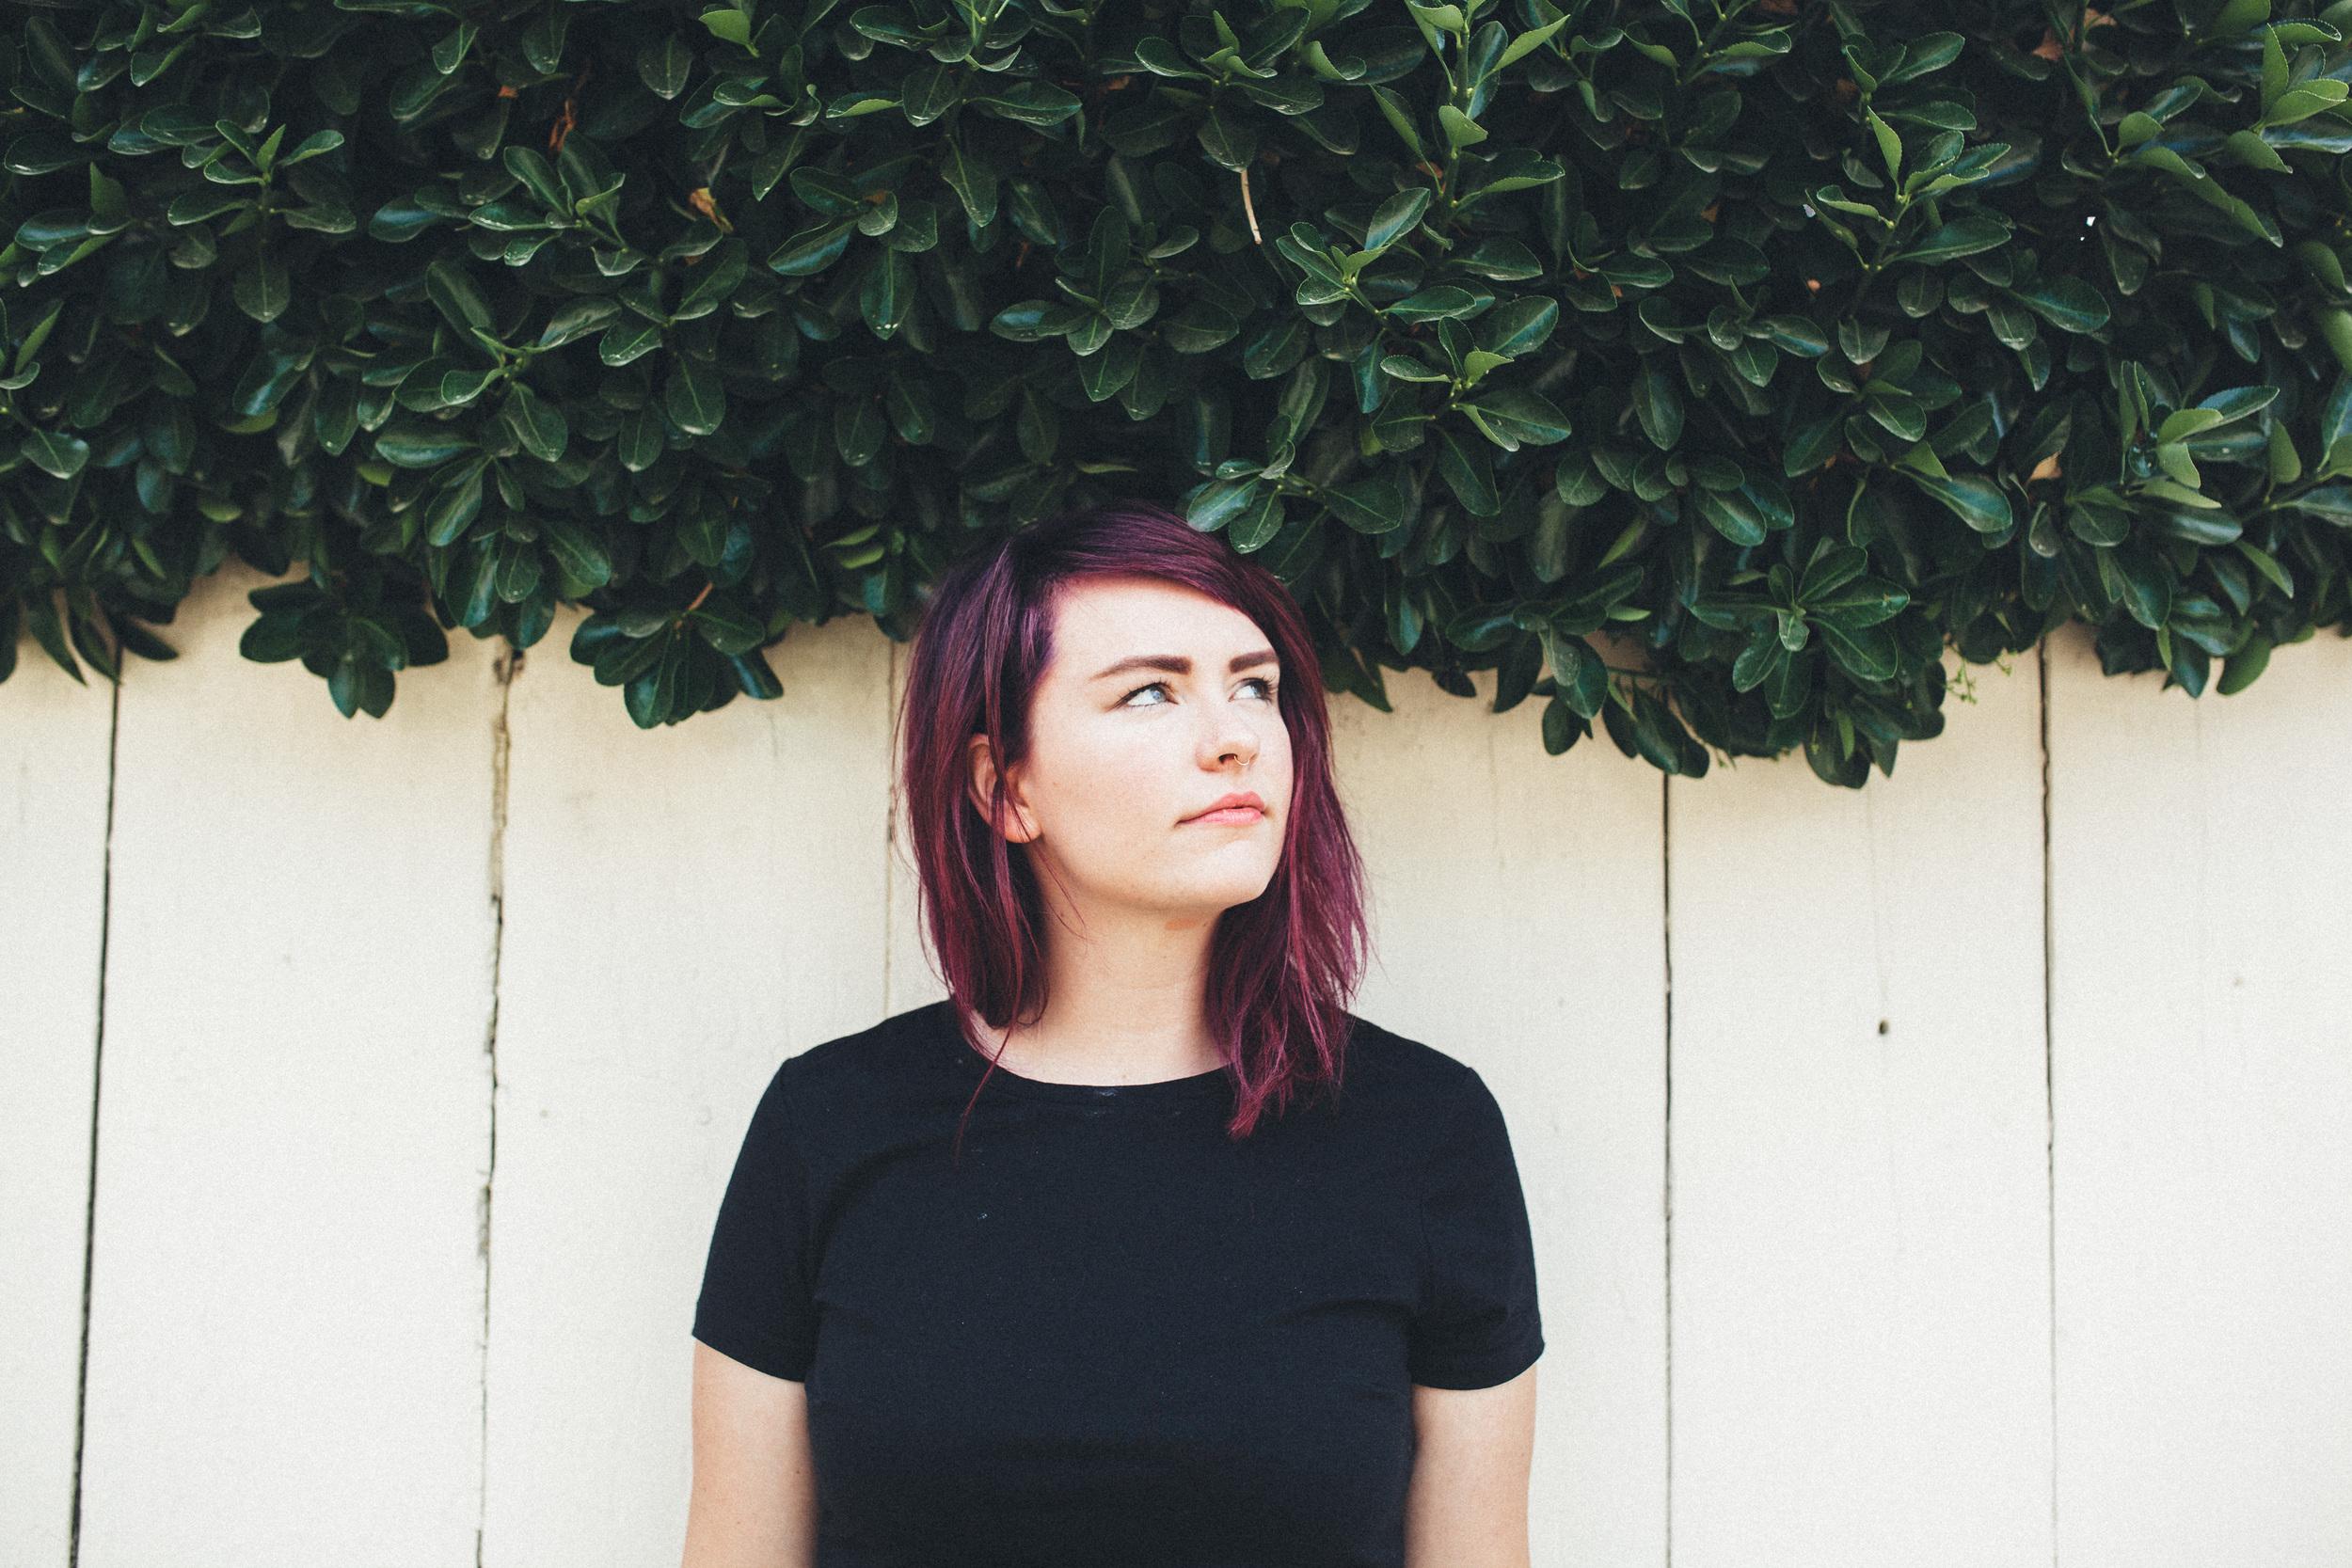 emily-patton-purple-hair-2270.jpg